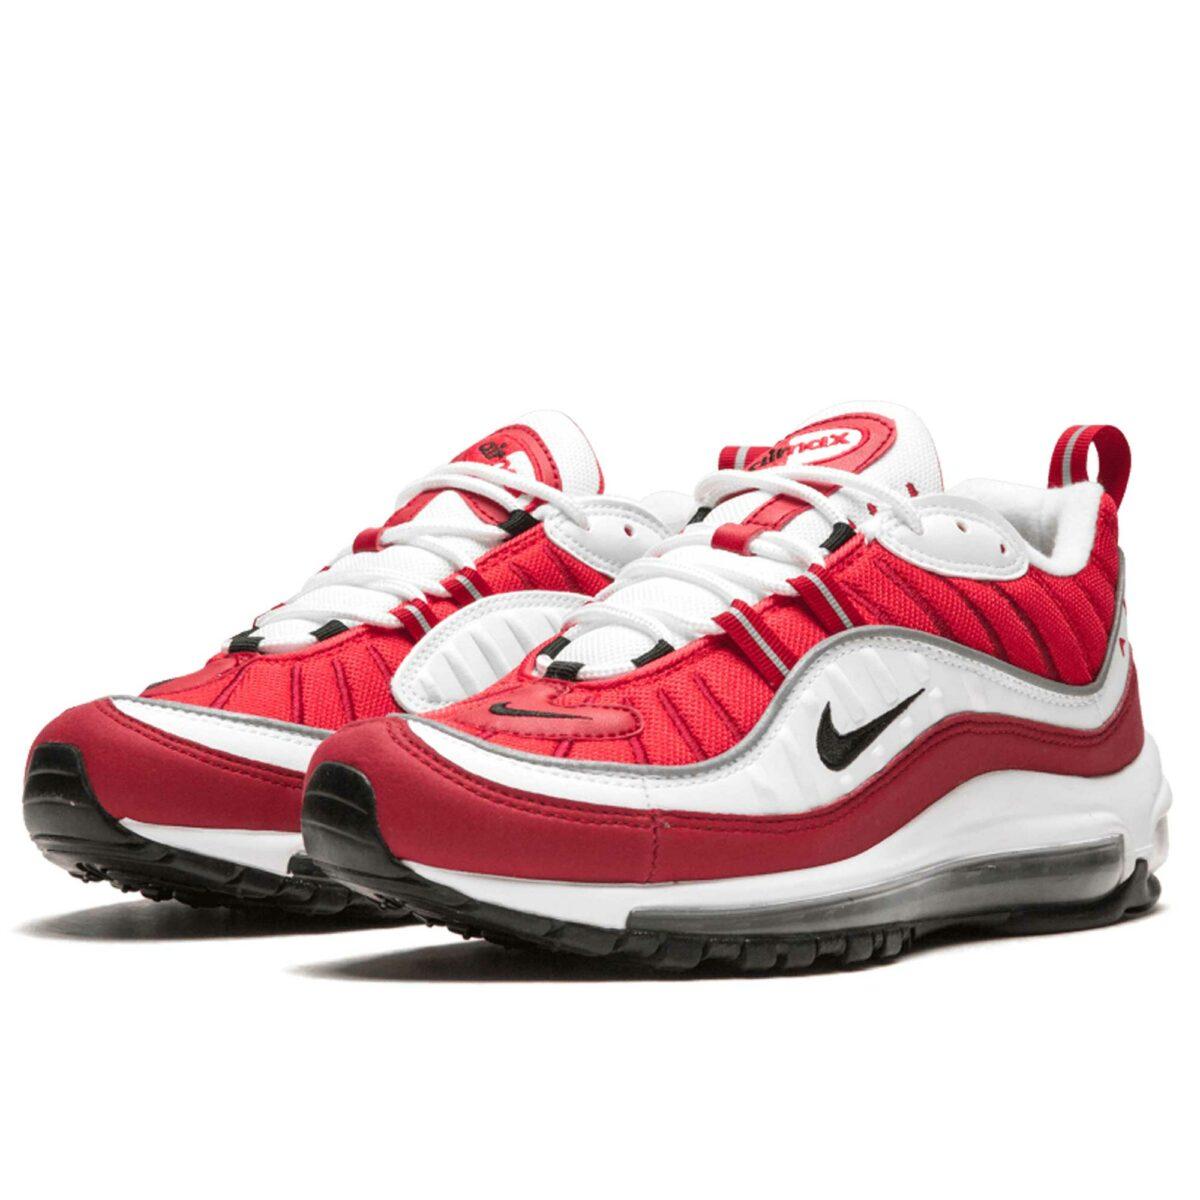 nike air max 98 red white AH6799_101 купить